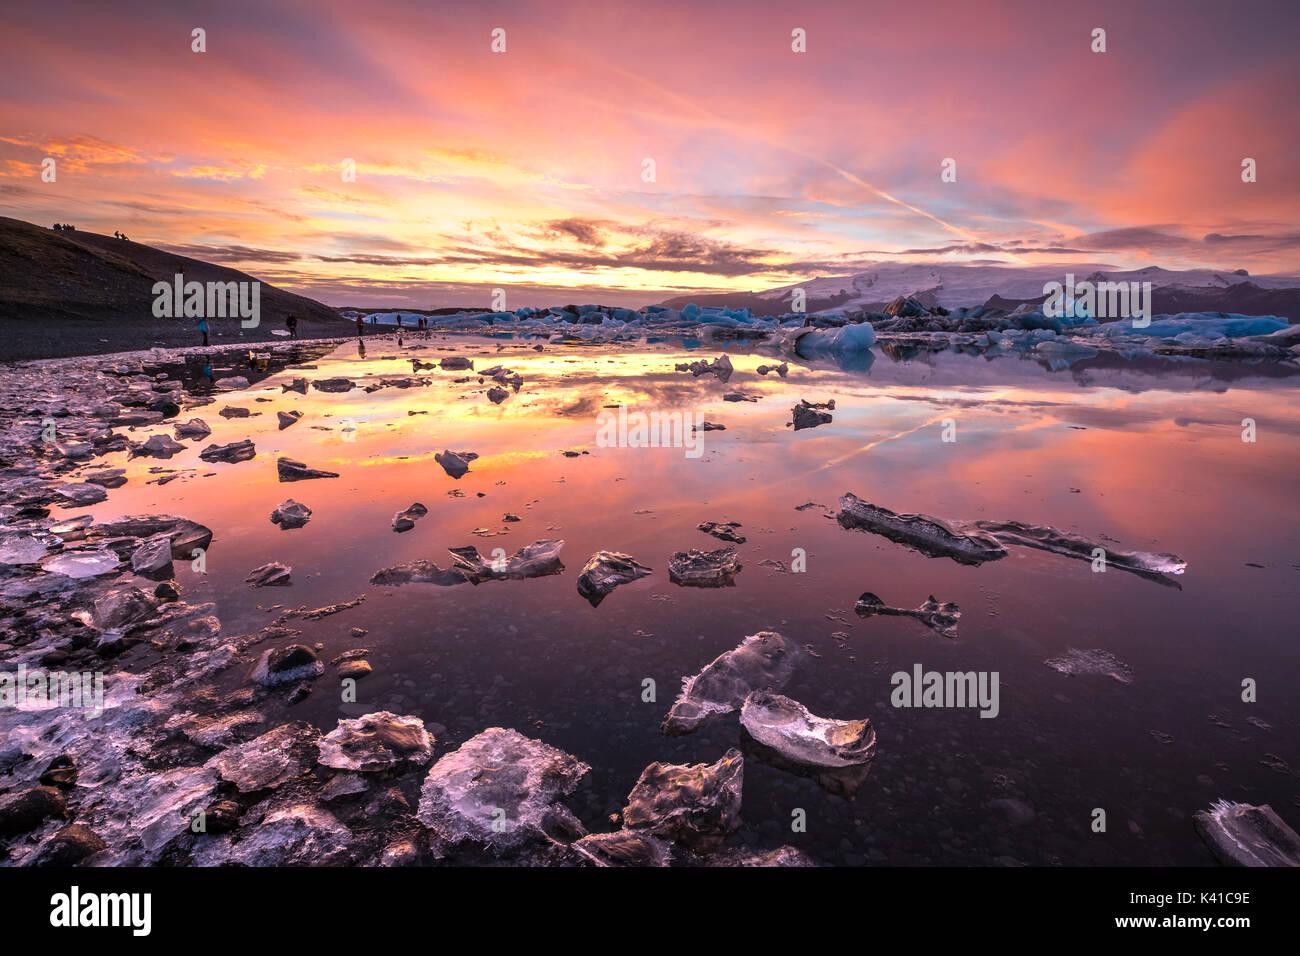 Sonnenuntergang am Jökulsárlón, Island Stockbild